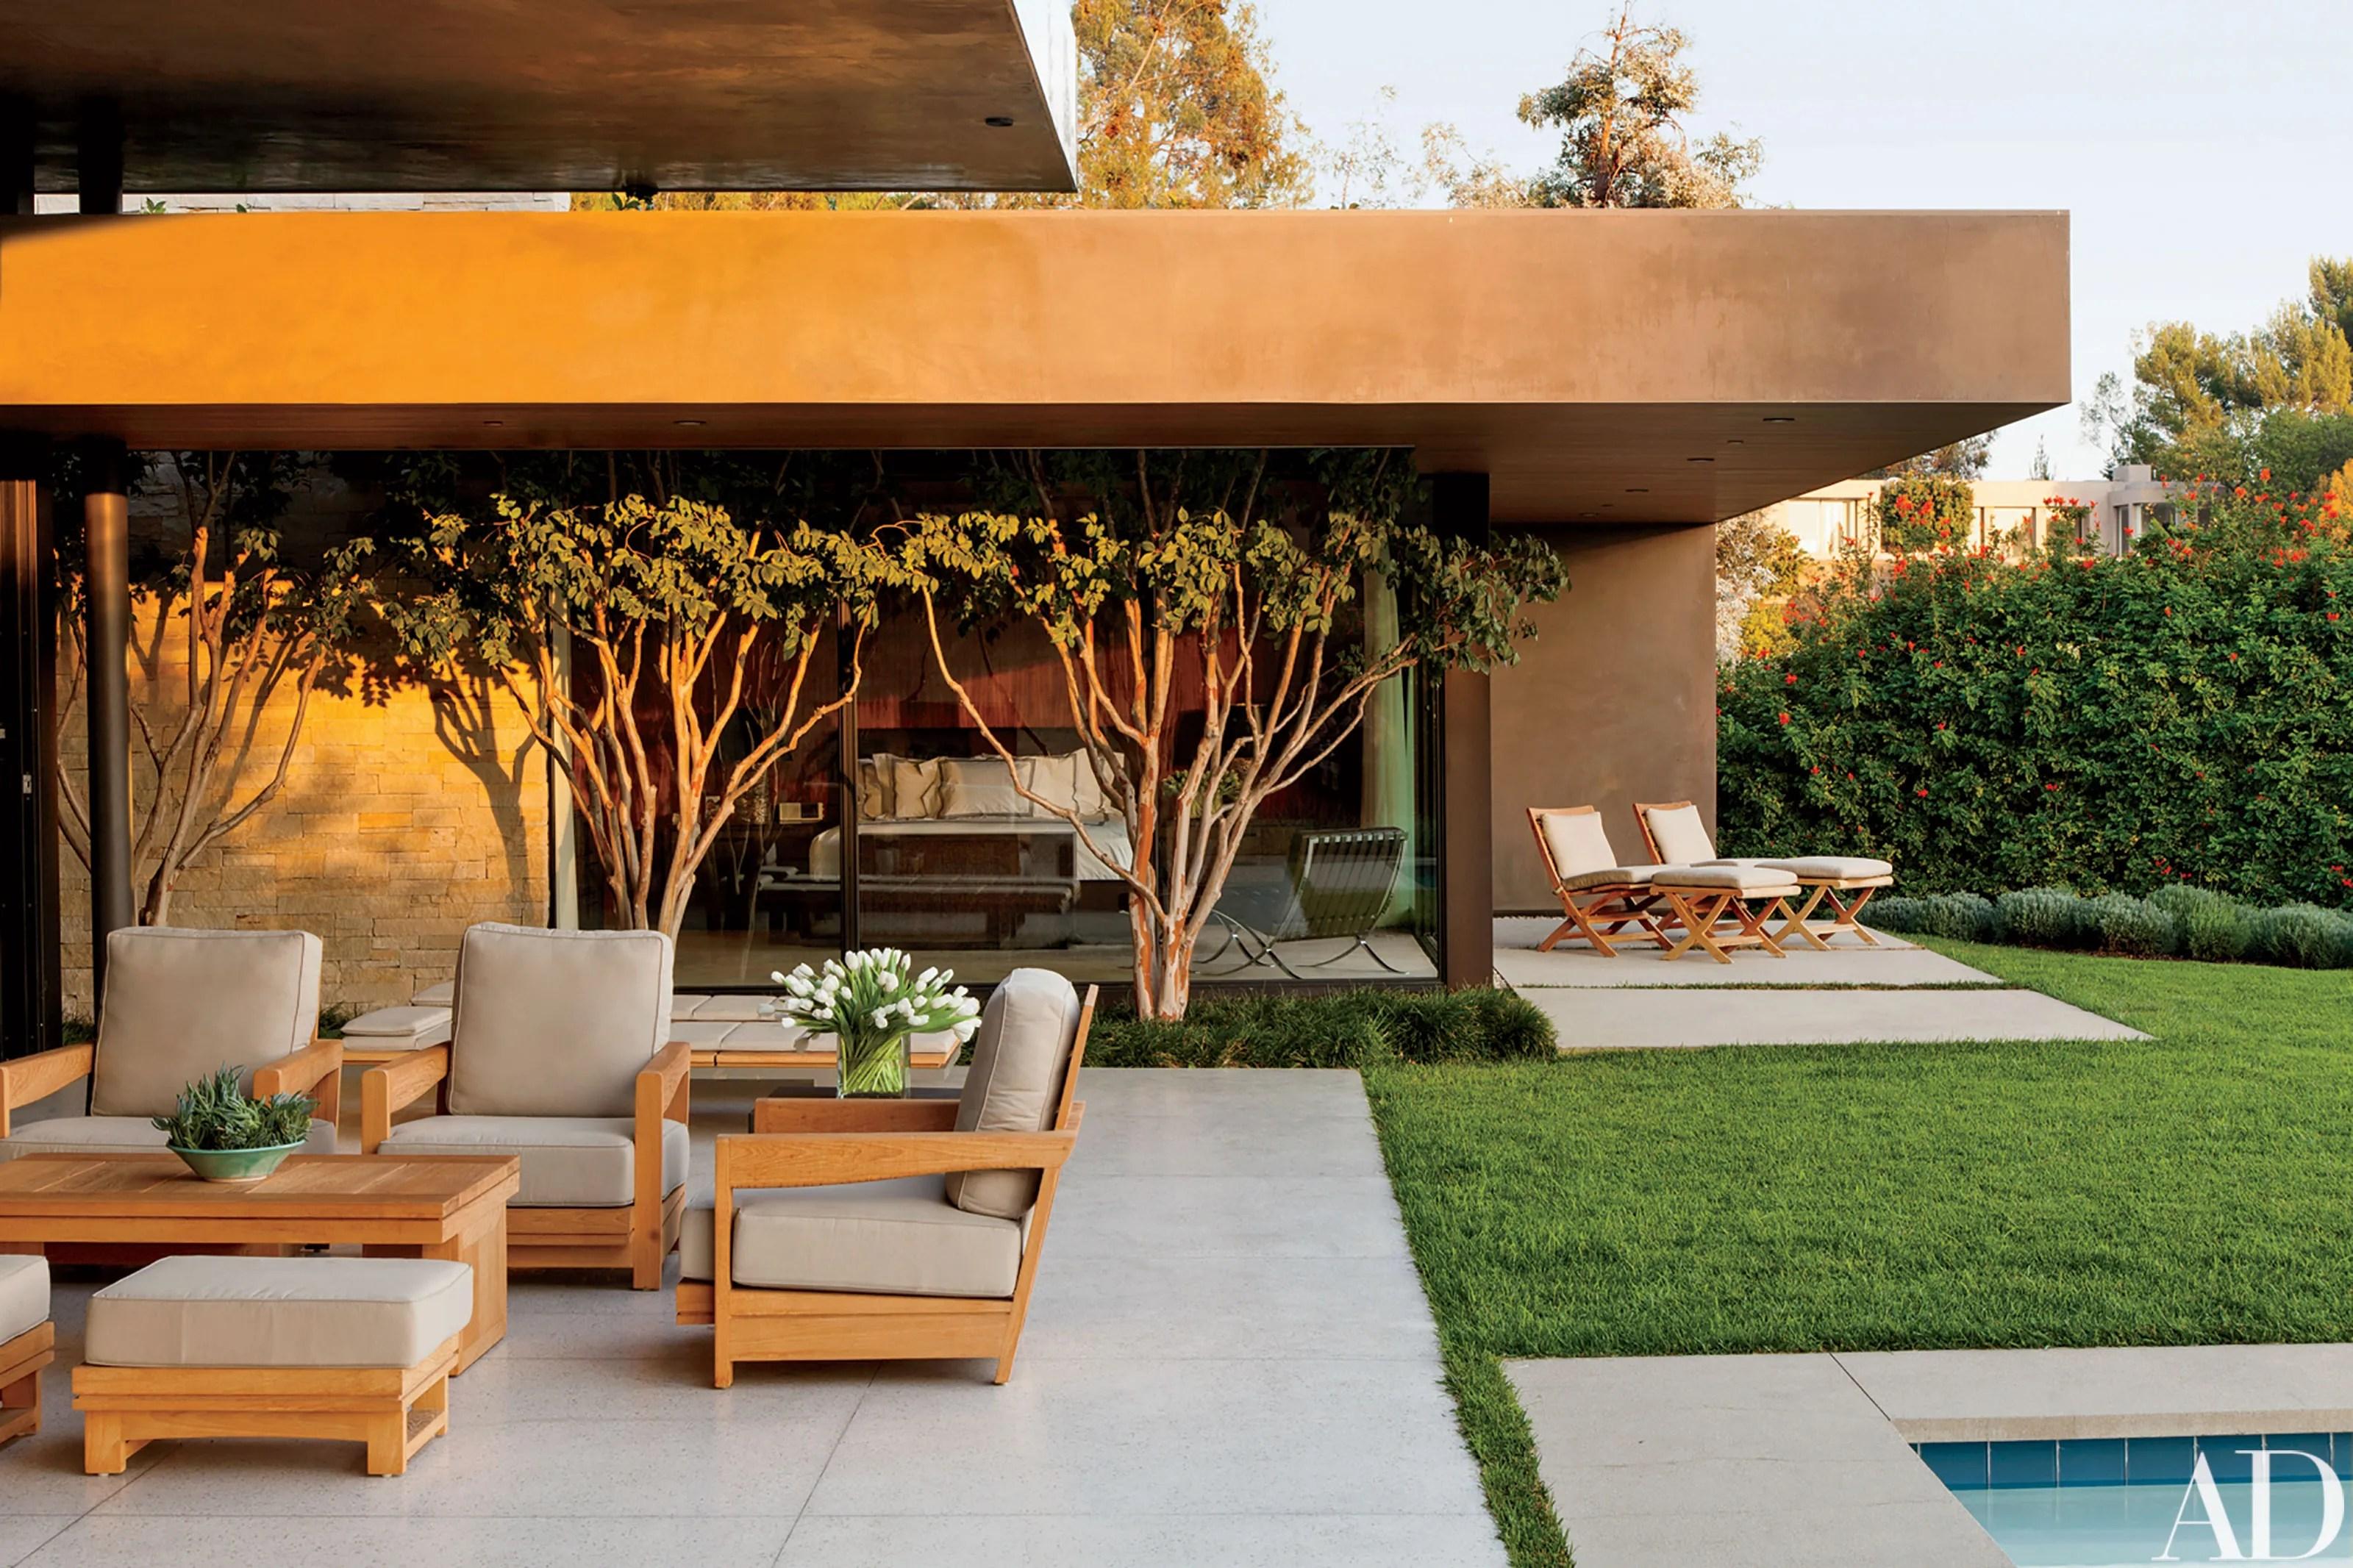 Best Kitchen Gallery: Marmol Radziner Designs A Modernist Home In Beverly Hills of Marmol Radziner Homes on rachelxblog.com